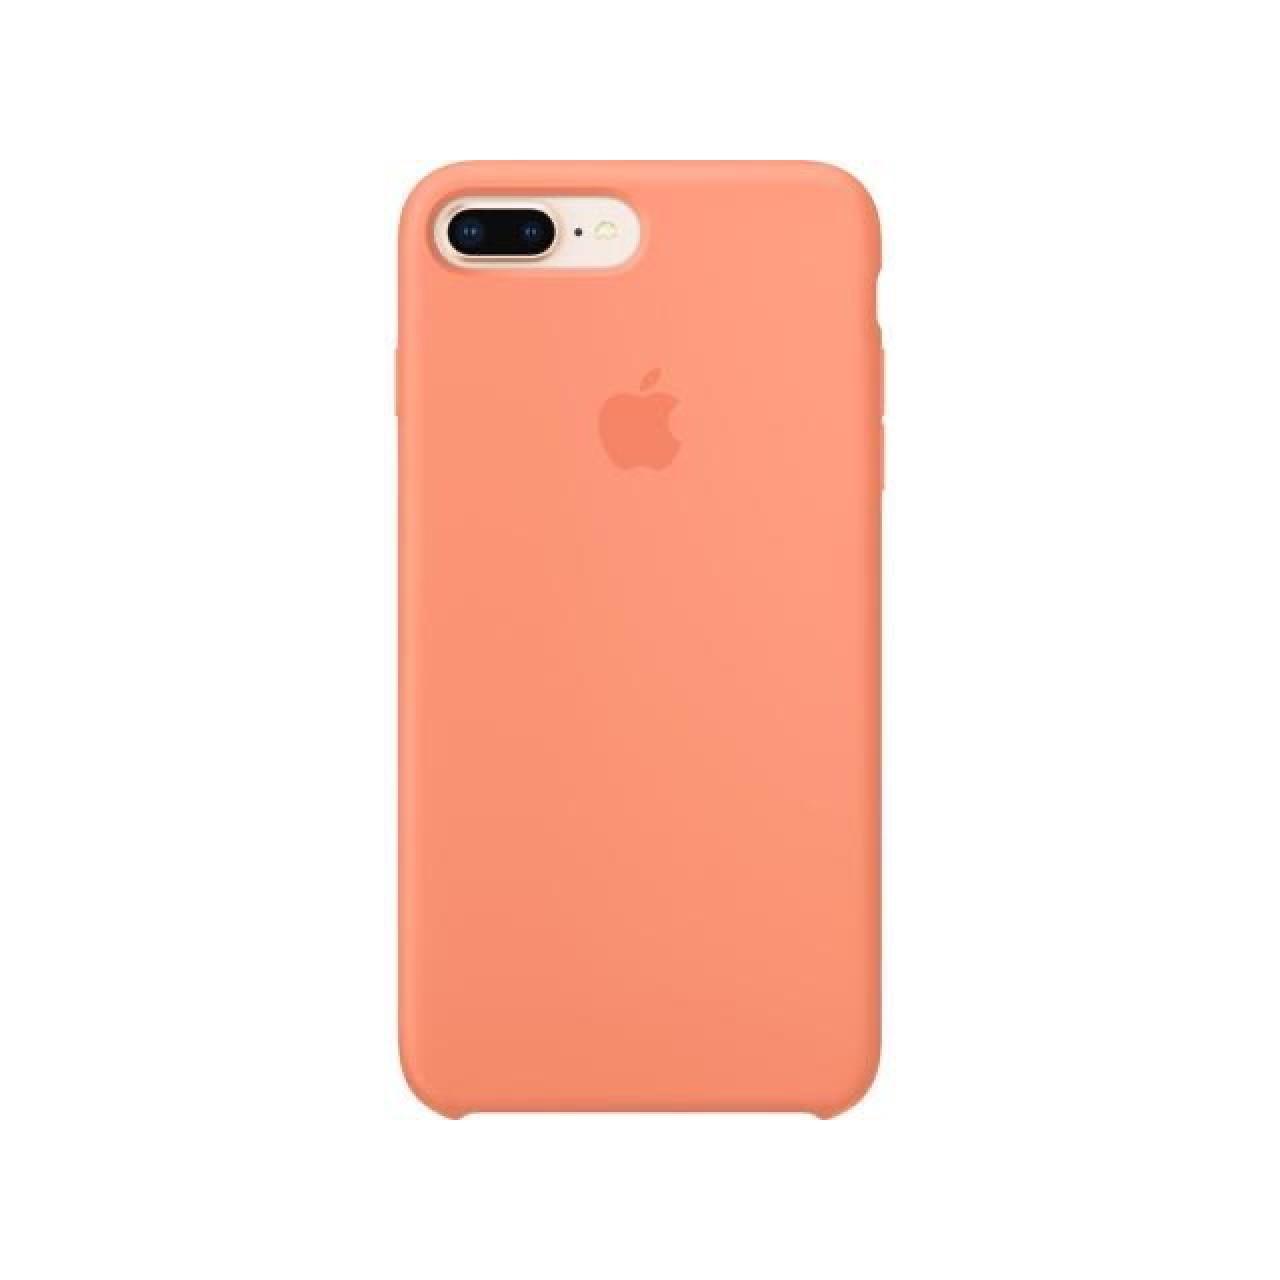 ΘΗΚΗ ΠΡΟΣΤΑΣΙΑΣ ΣΙΛΙΚΟΝΗΣ ΓΙΑ iPhone 7 / 8 PLUS ΣΟΜΟΝ - BACK COVER SILICONE CASE PEACH - OEM